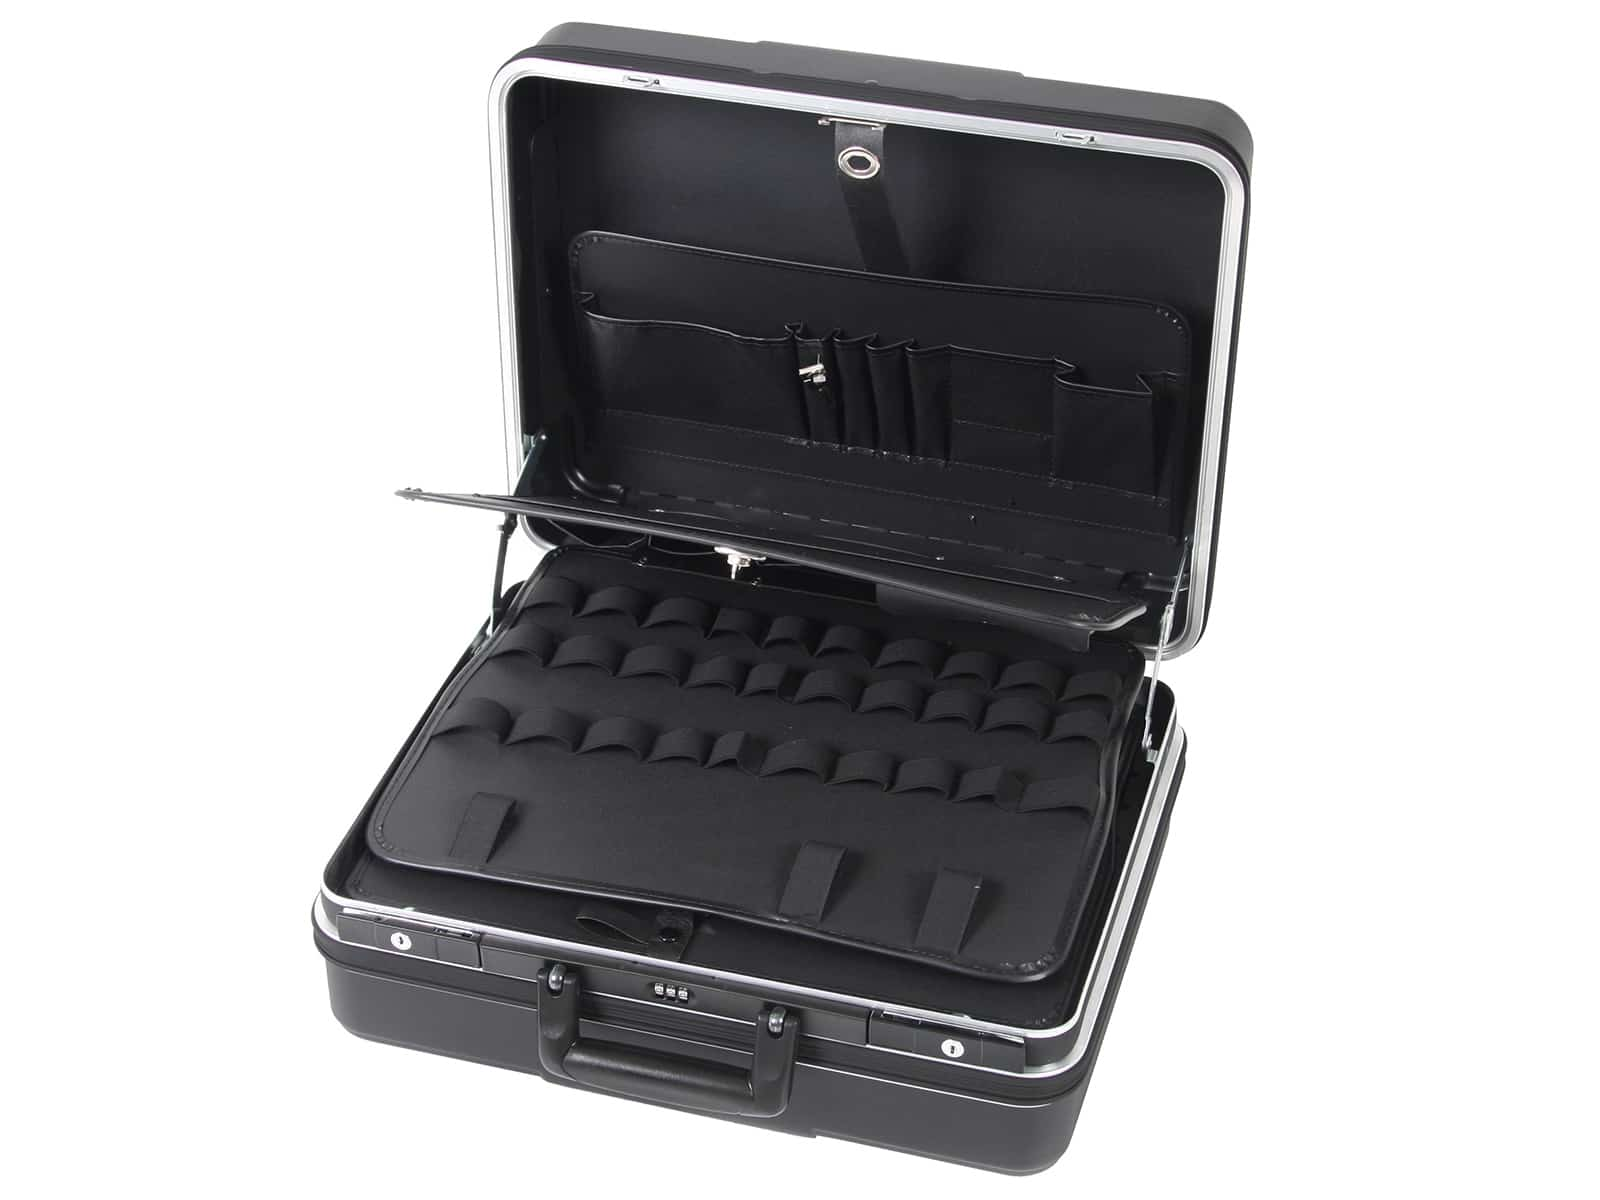 Werkzeugkoffer Future 5322 ABS Pro 34 ltr. XL